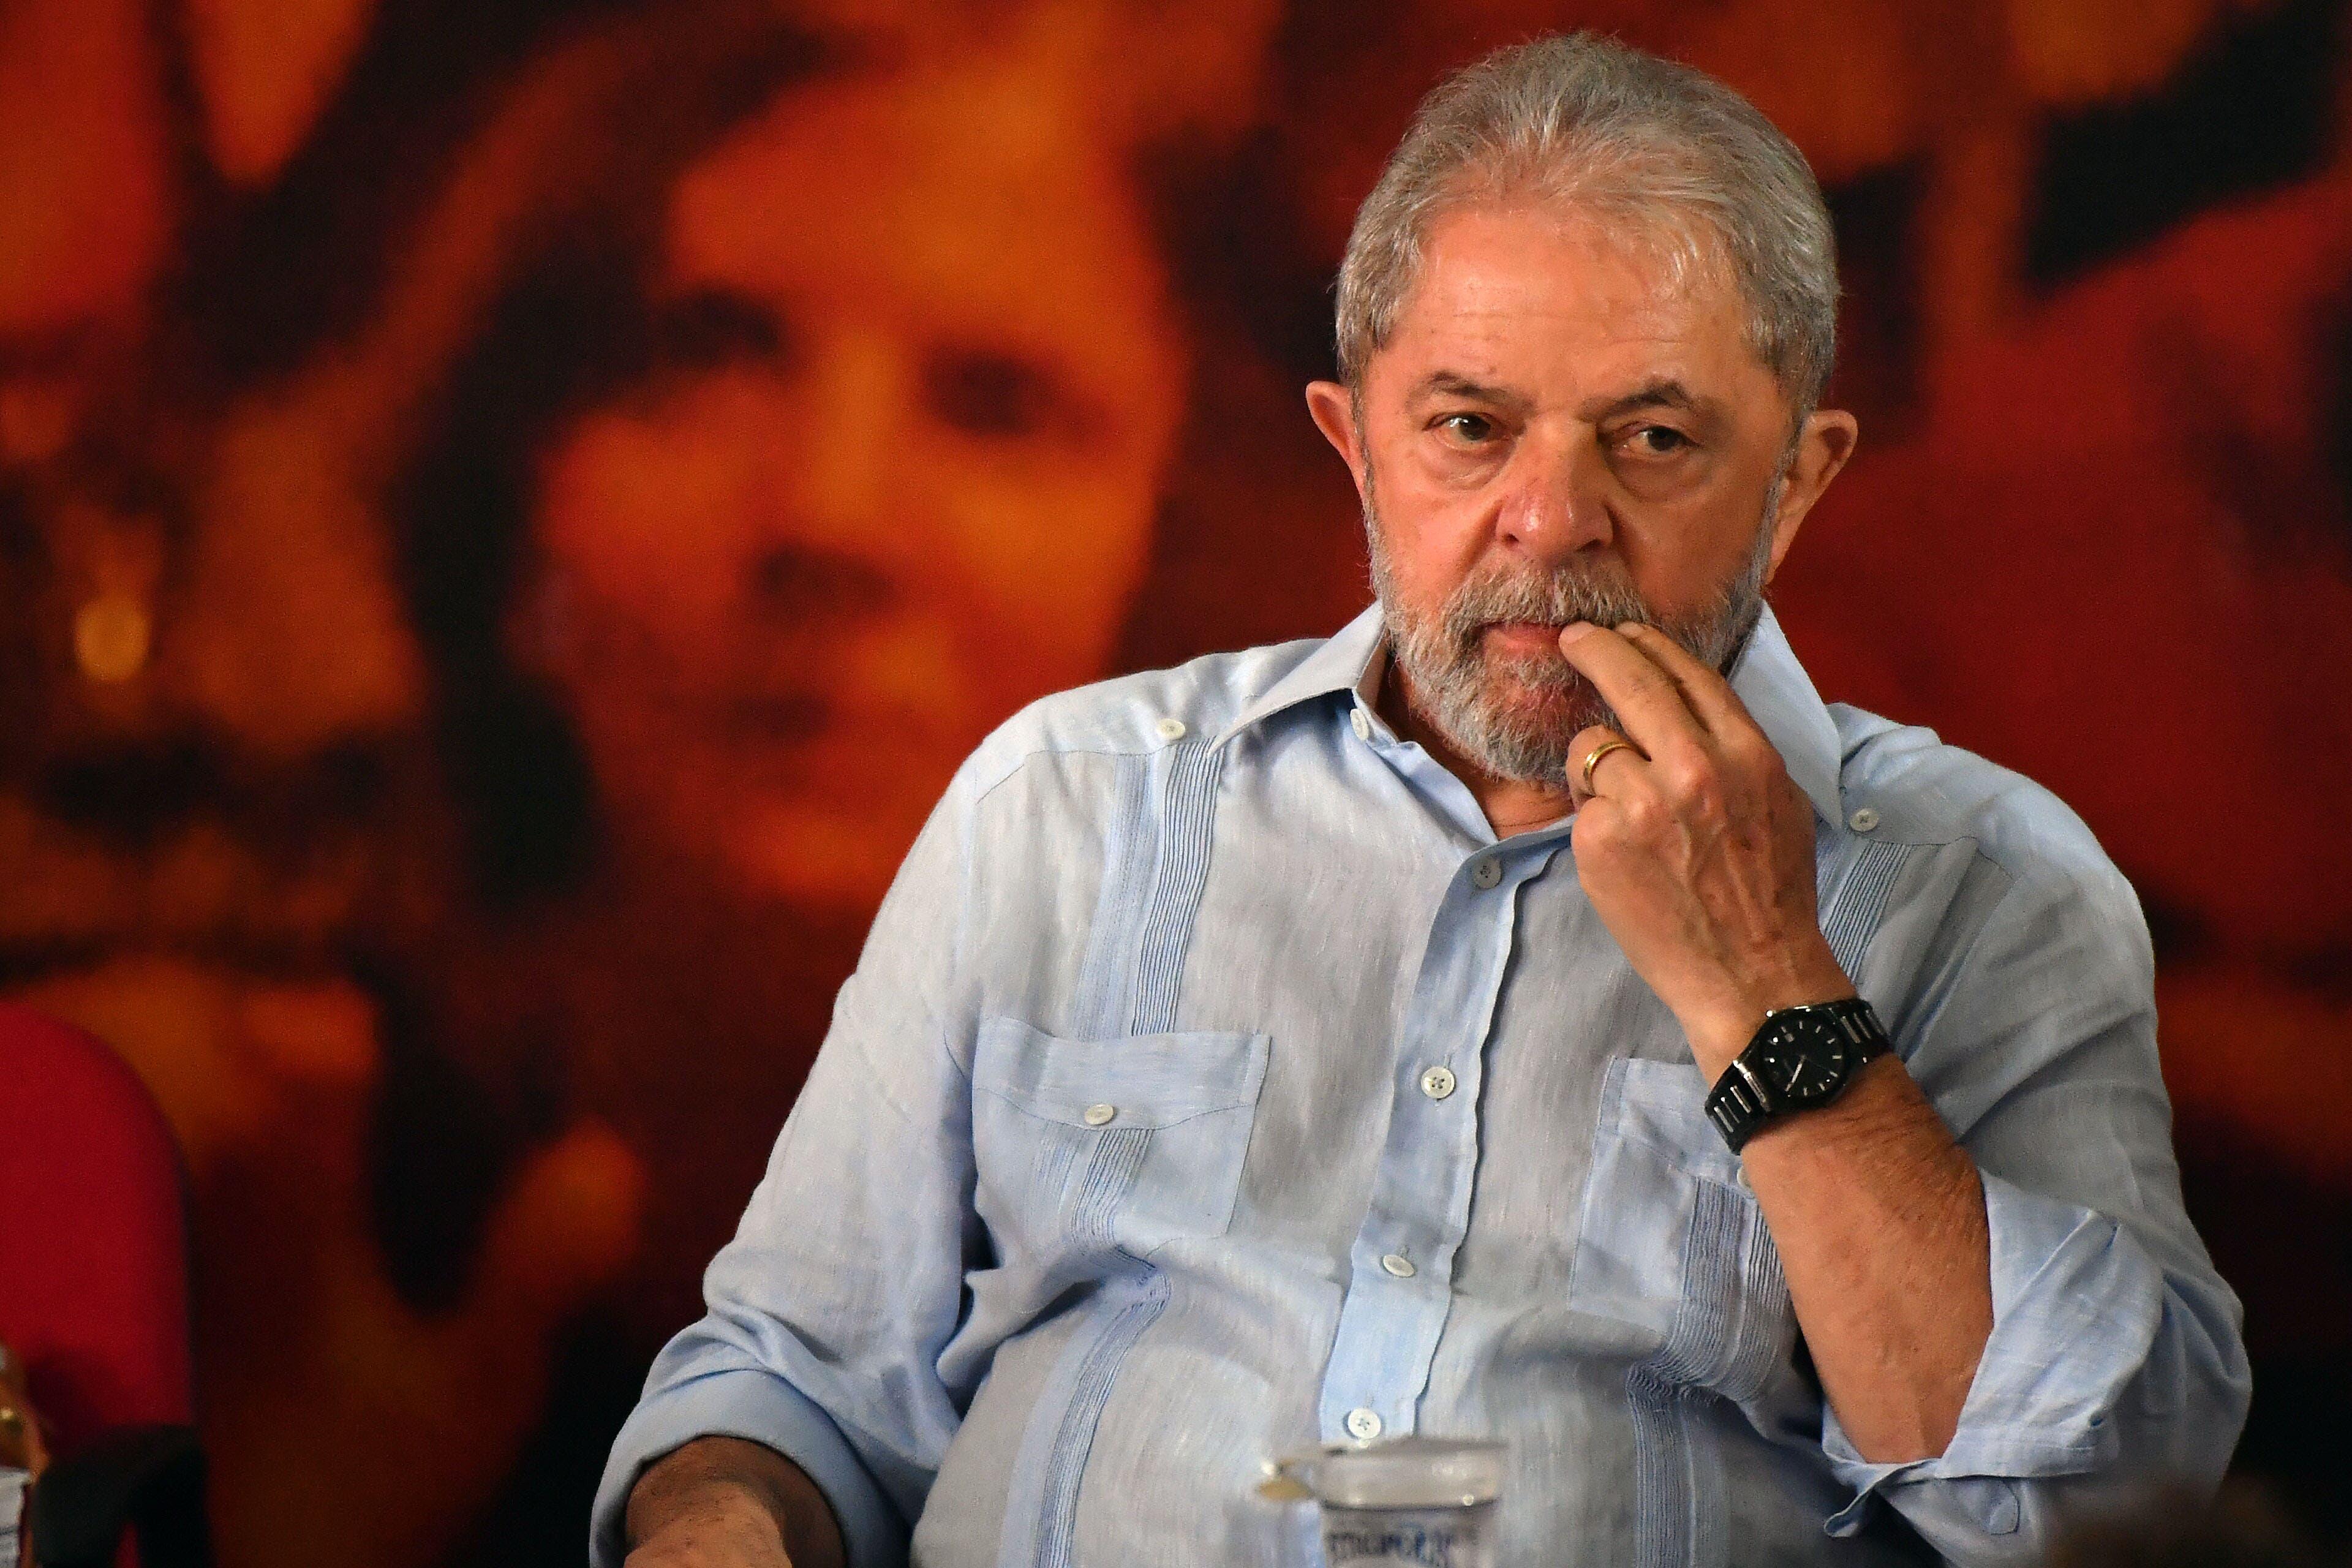 Tribunal de Brasil rechaza el intento de Lula de evitar la cárcel mientras apela una sentencia por corrupción